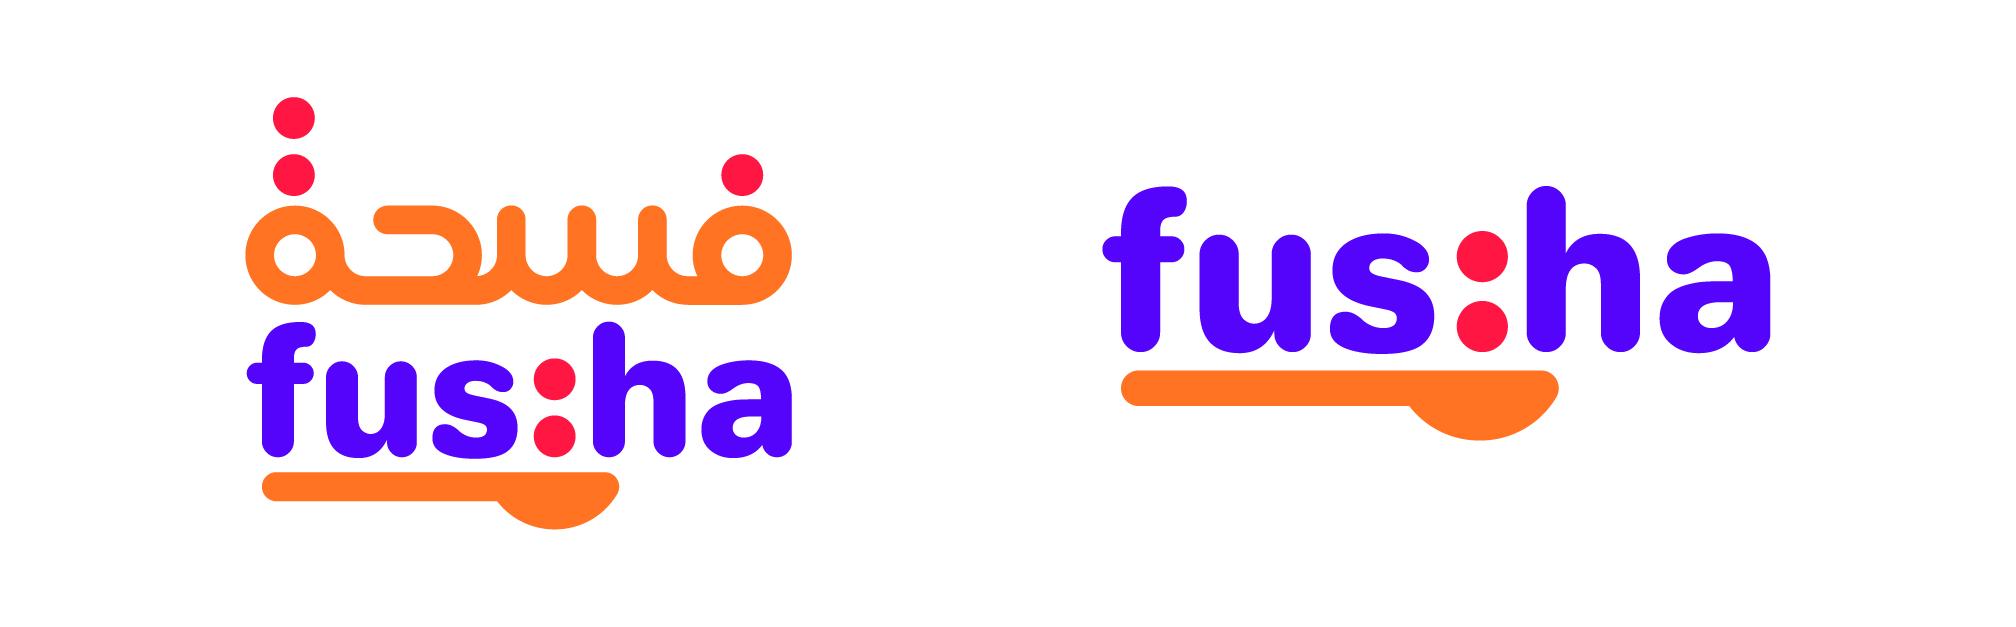 fus-ha_logo-01.jpg